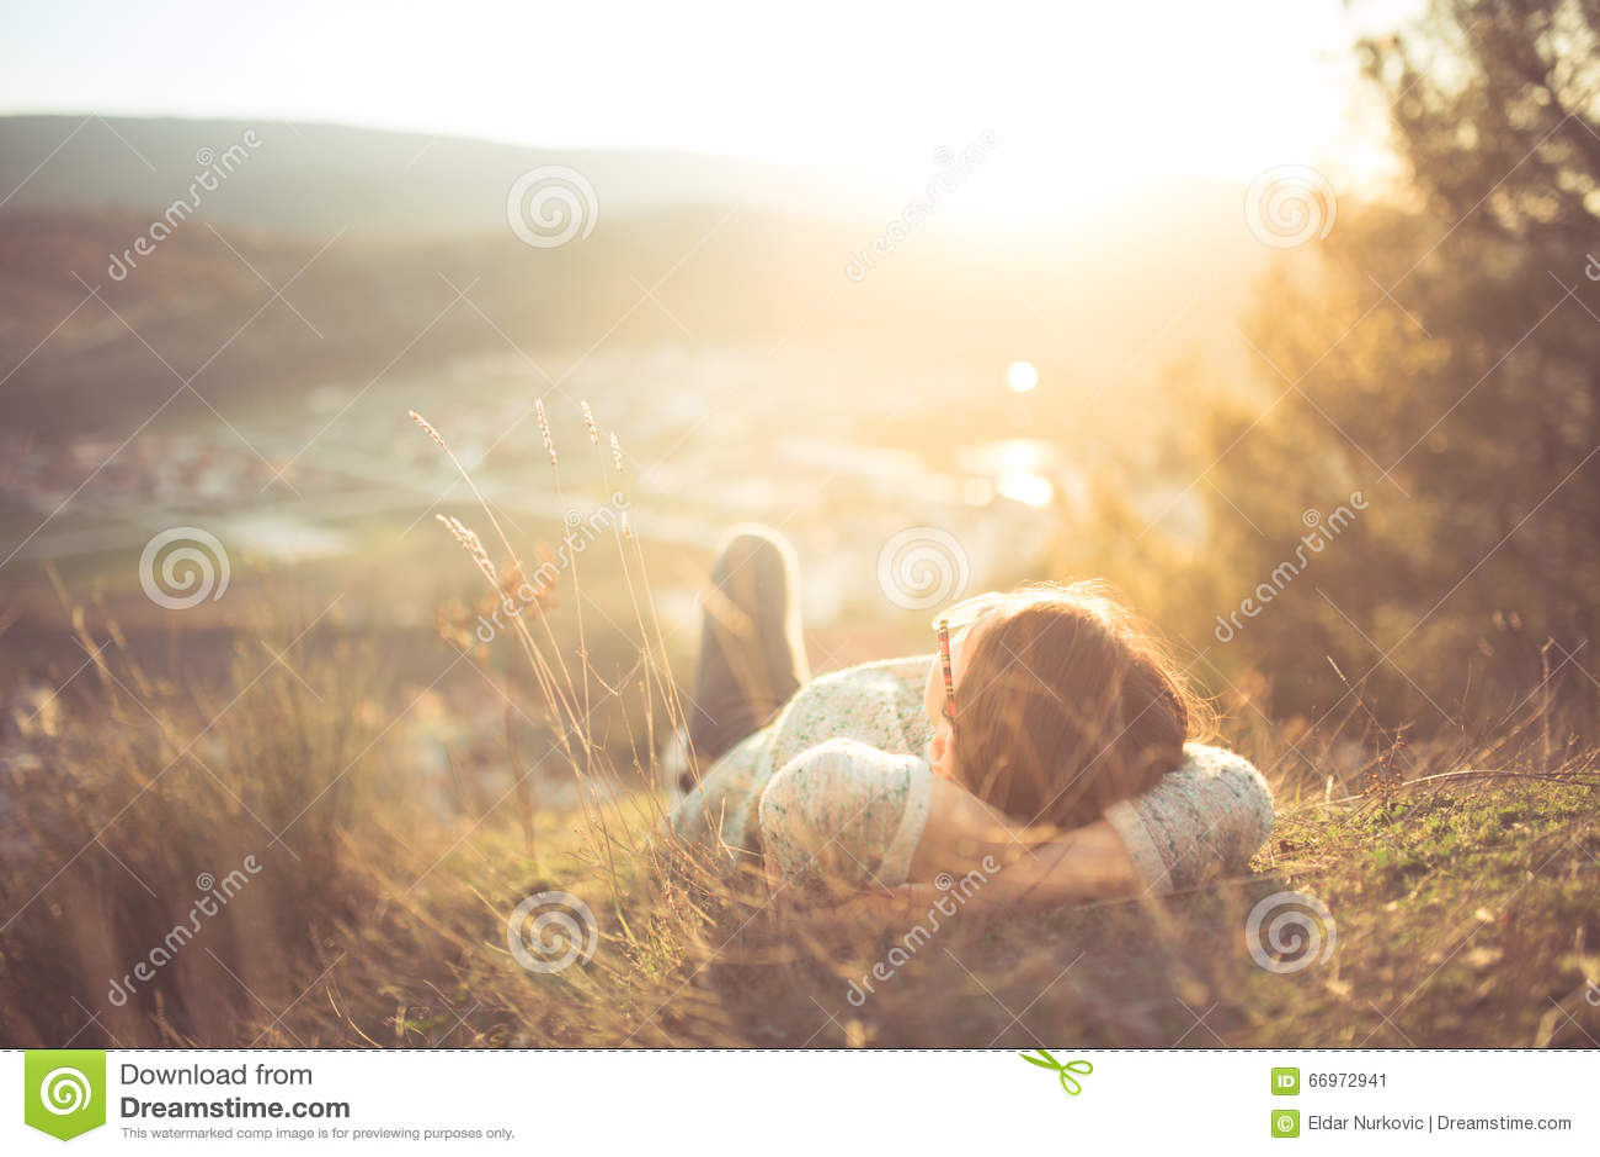 Ξένοιαστη ευτυχής γυναίκα που βρίσκεται στο πράσινο λιβάδι χλόης πάνω από τον απότομο βράχο ακρών βουνών που απολαμβάνει τον ήλιο